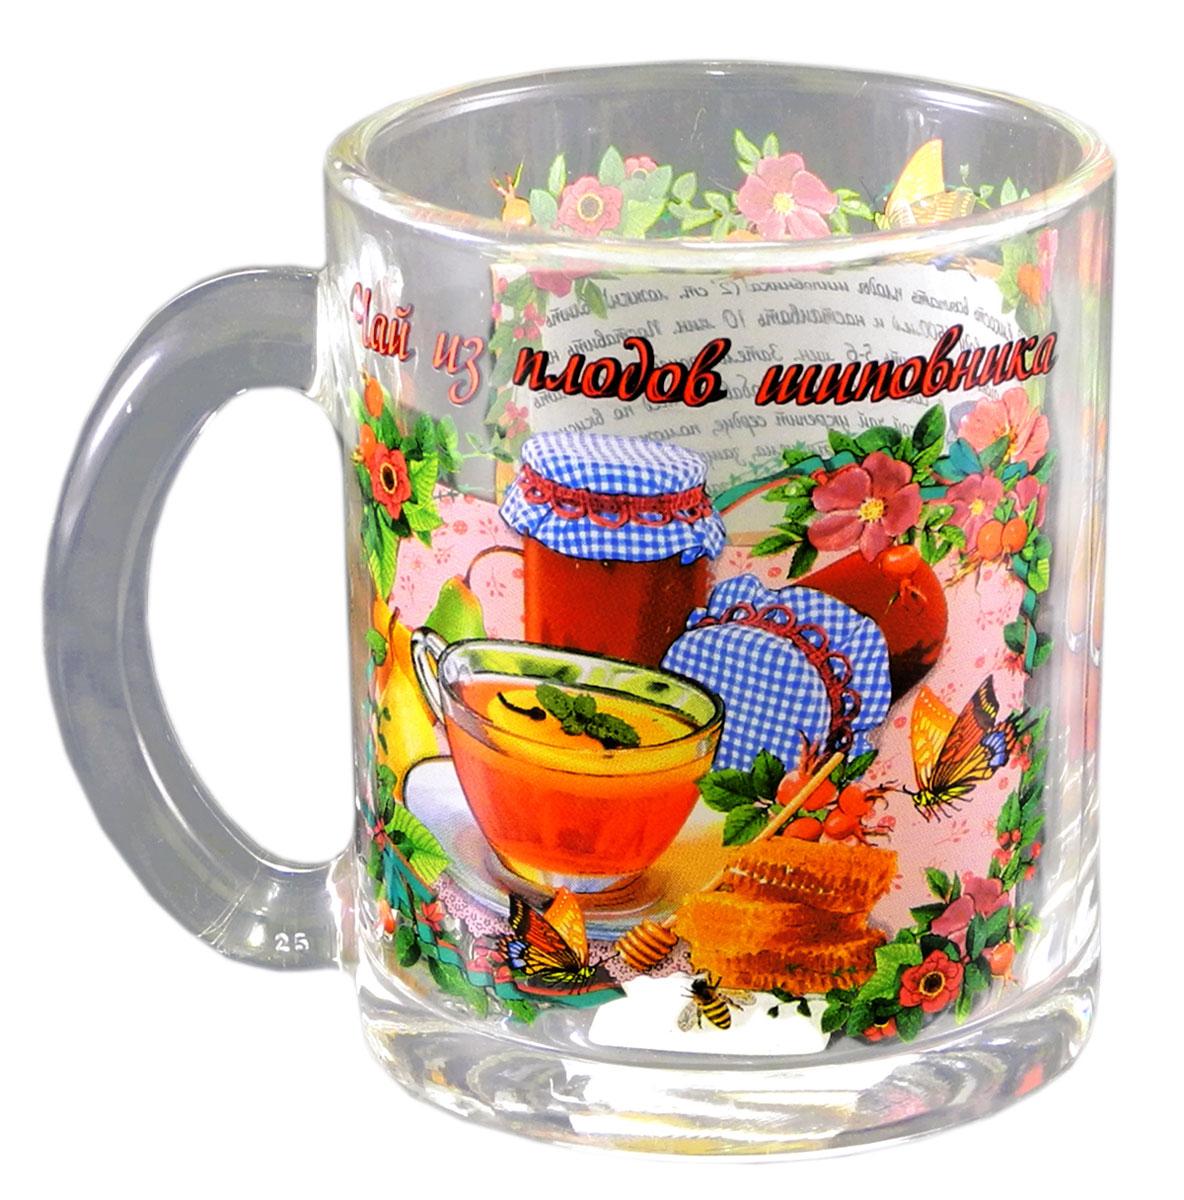 Кружка Квестор Чай из плодов шиповника , 320 мл103-004Кружка Чай из плодов шиповника выполнена из стекла. Внешняя сторона оформлена оригинальным рисунком и надписью.Кружка сочетает в себе оригинальный дизайн и функциональность. Благодаря такой кружке пить напитки будет еще вкуснее.